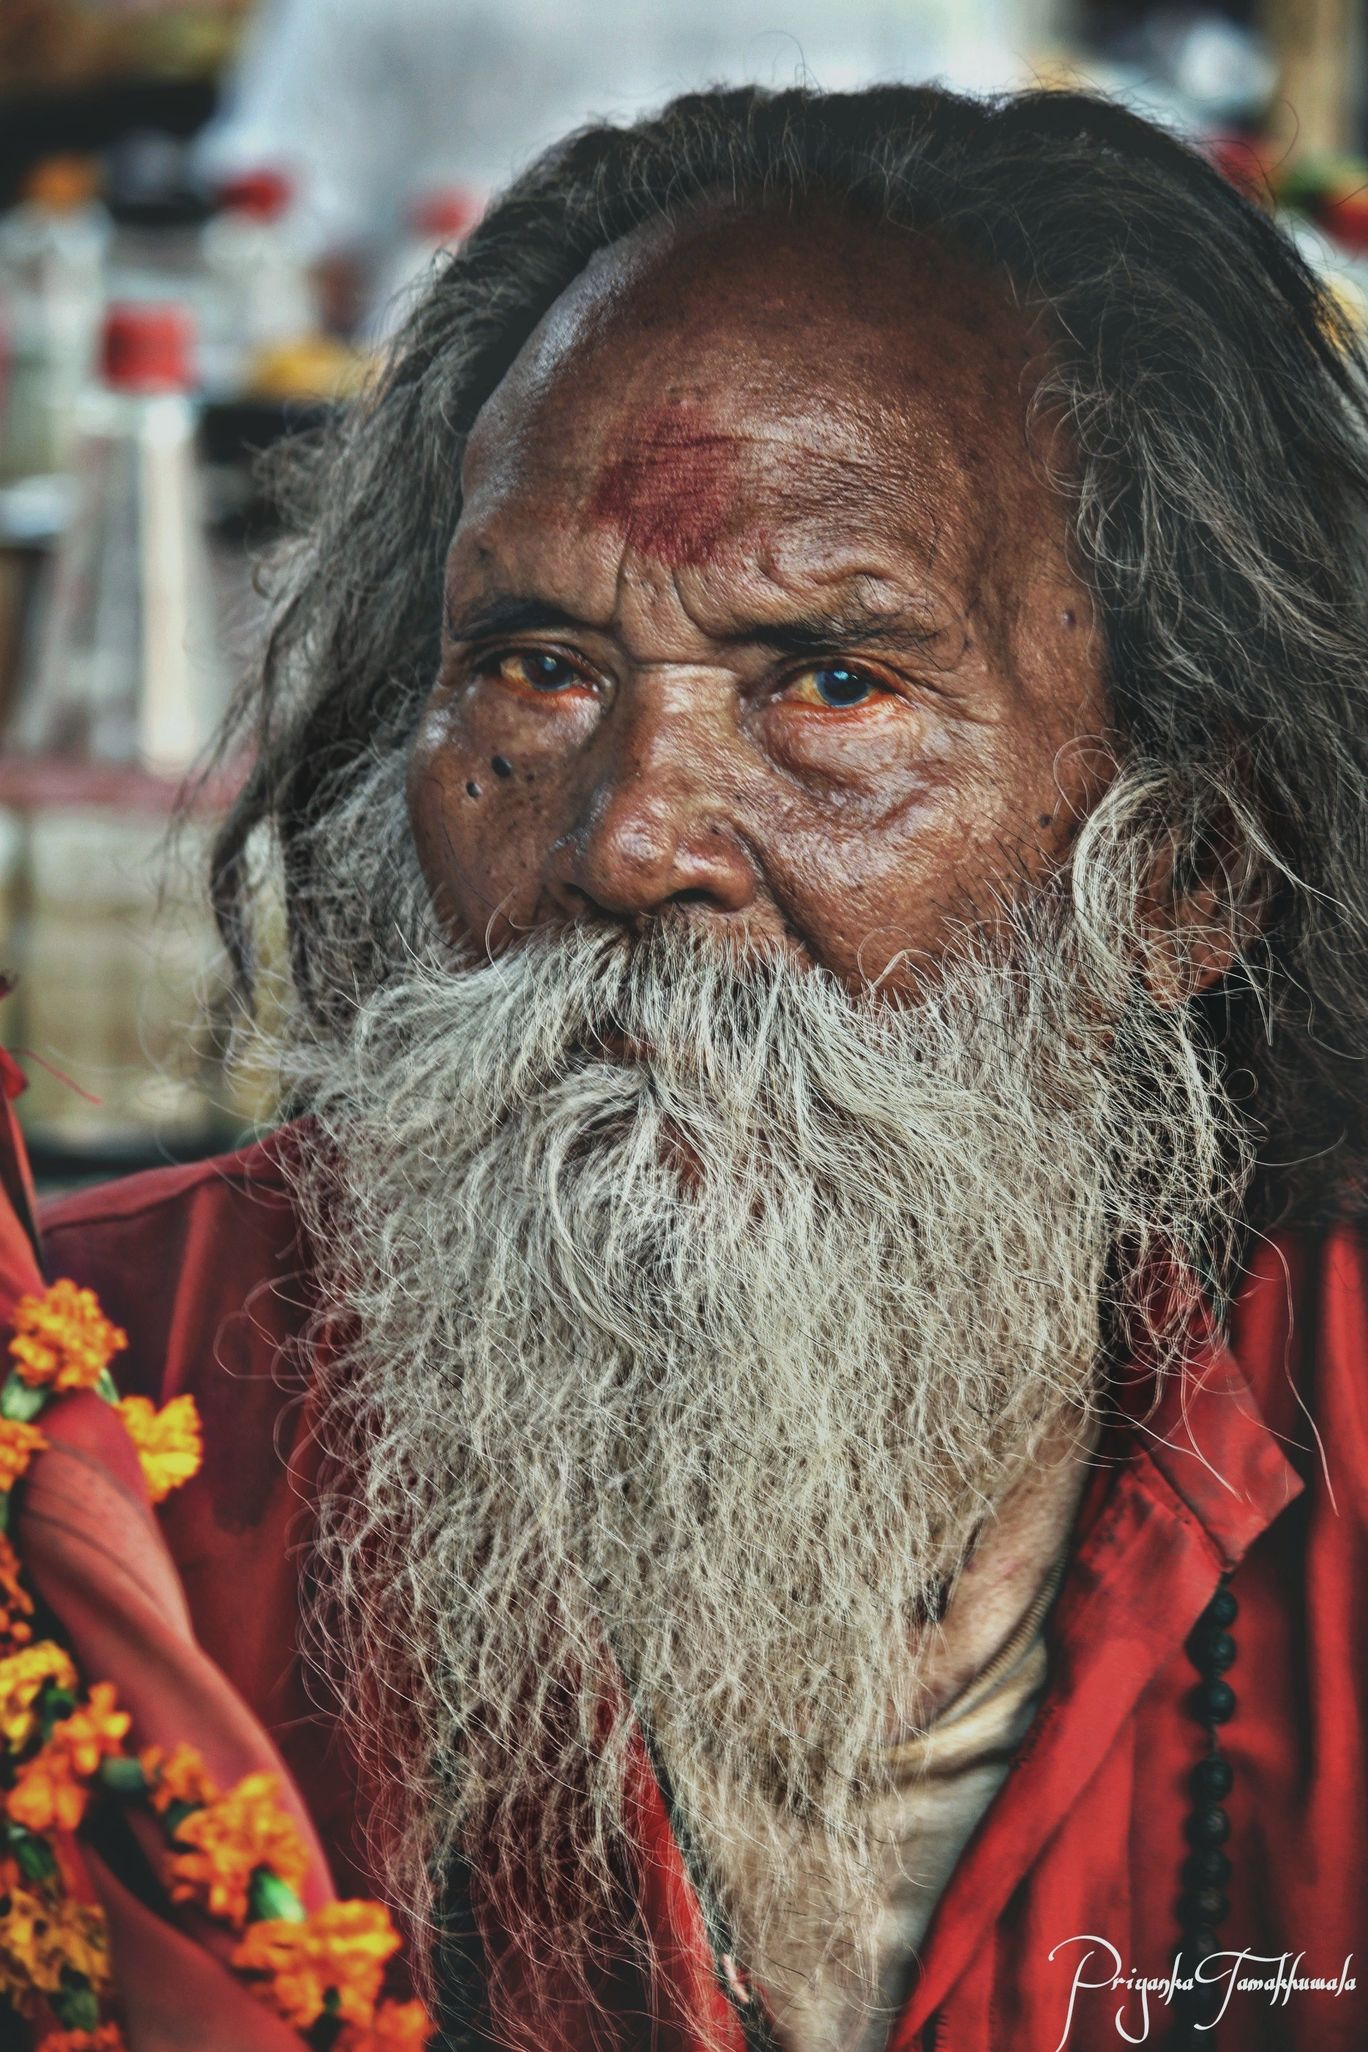 Photo of Rajasthan By priyanka tamakhuwala